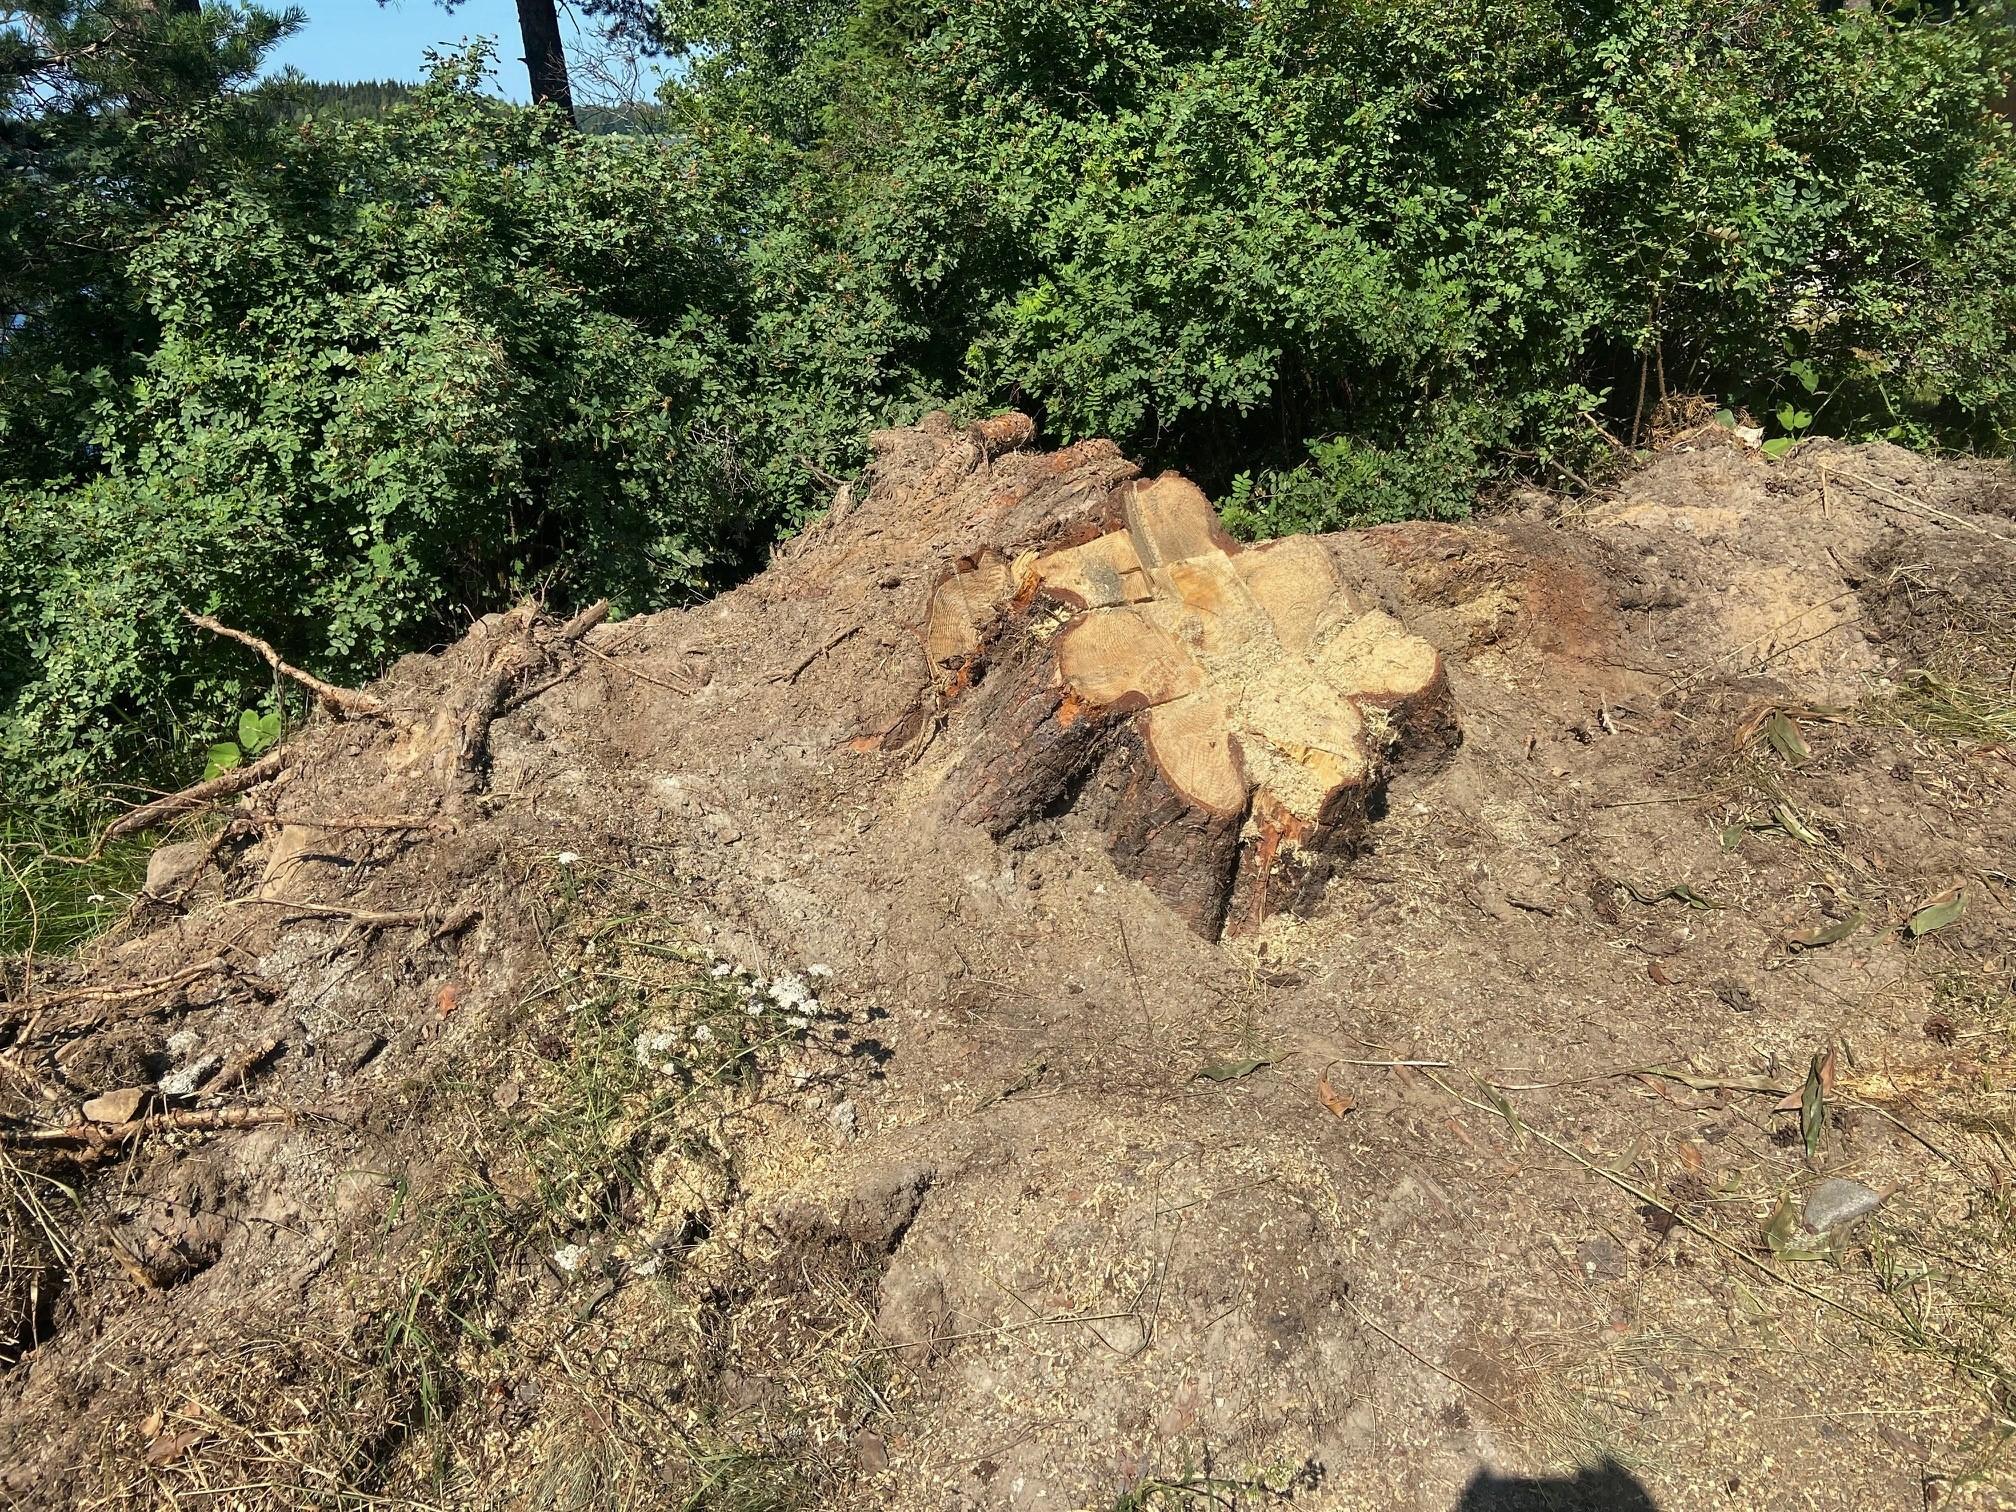 etätyö kesämäkillä - kaatunut puu